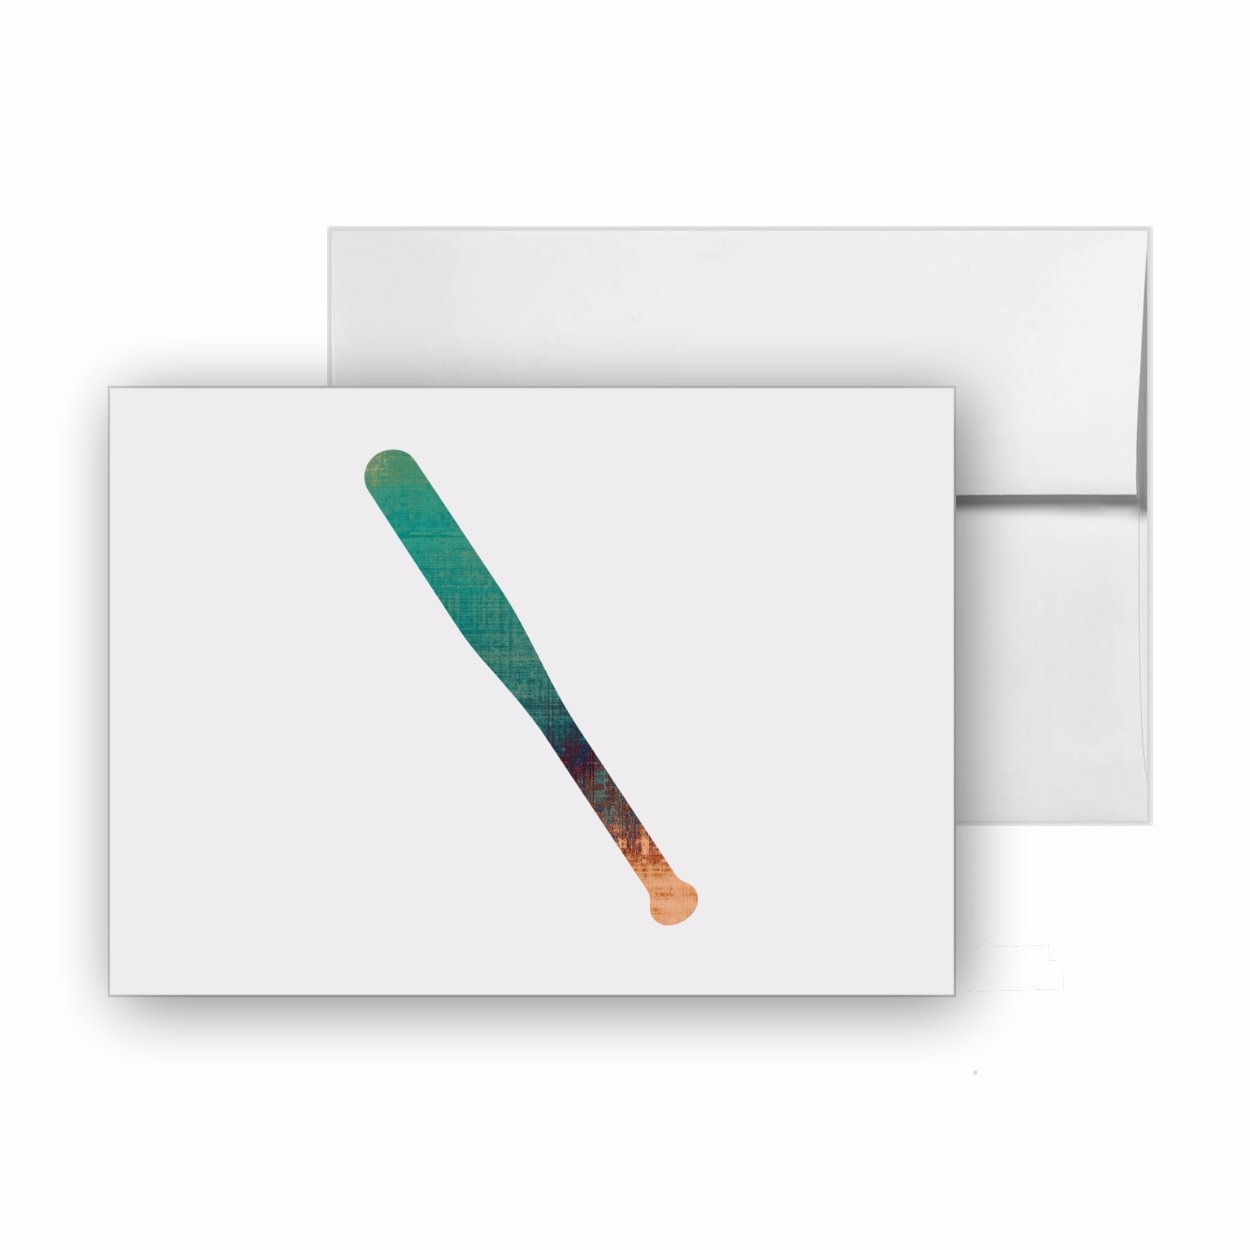 野球バット、空白カード招待パック、15カードat 4 x 6、withホワイト封筒、アイテム1321704 B07D2YHTL2